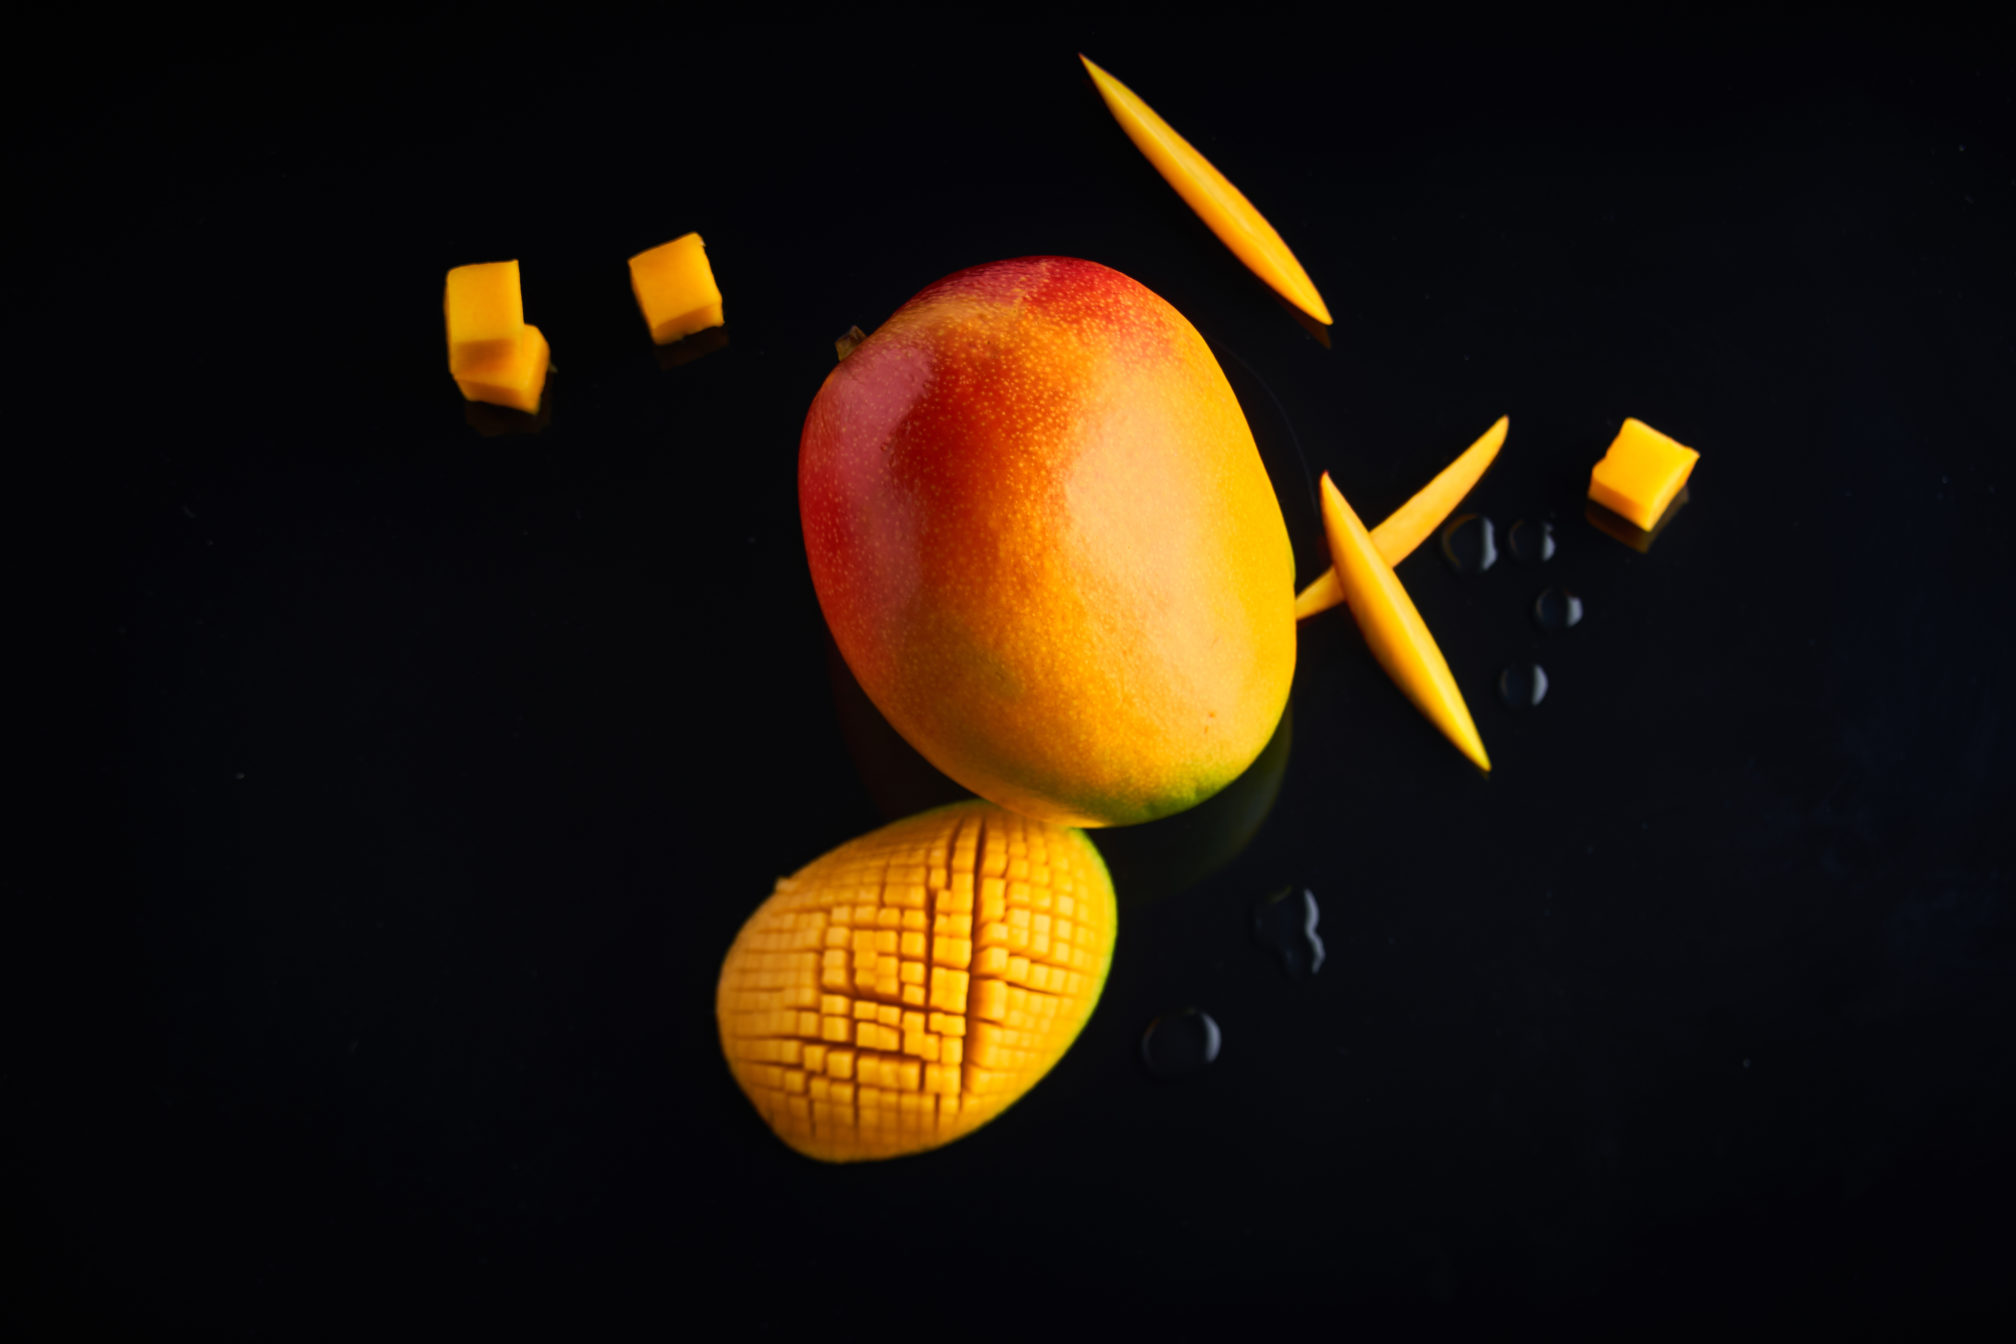 capexo-lilot-fruits-exotique-mangue-Pérou-Israël-Sénégal-Brésil-cote-d'ivoire-Mali-Espagne-Réunion-Mexique-Burkina-Thaïlande-Cambodge